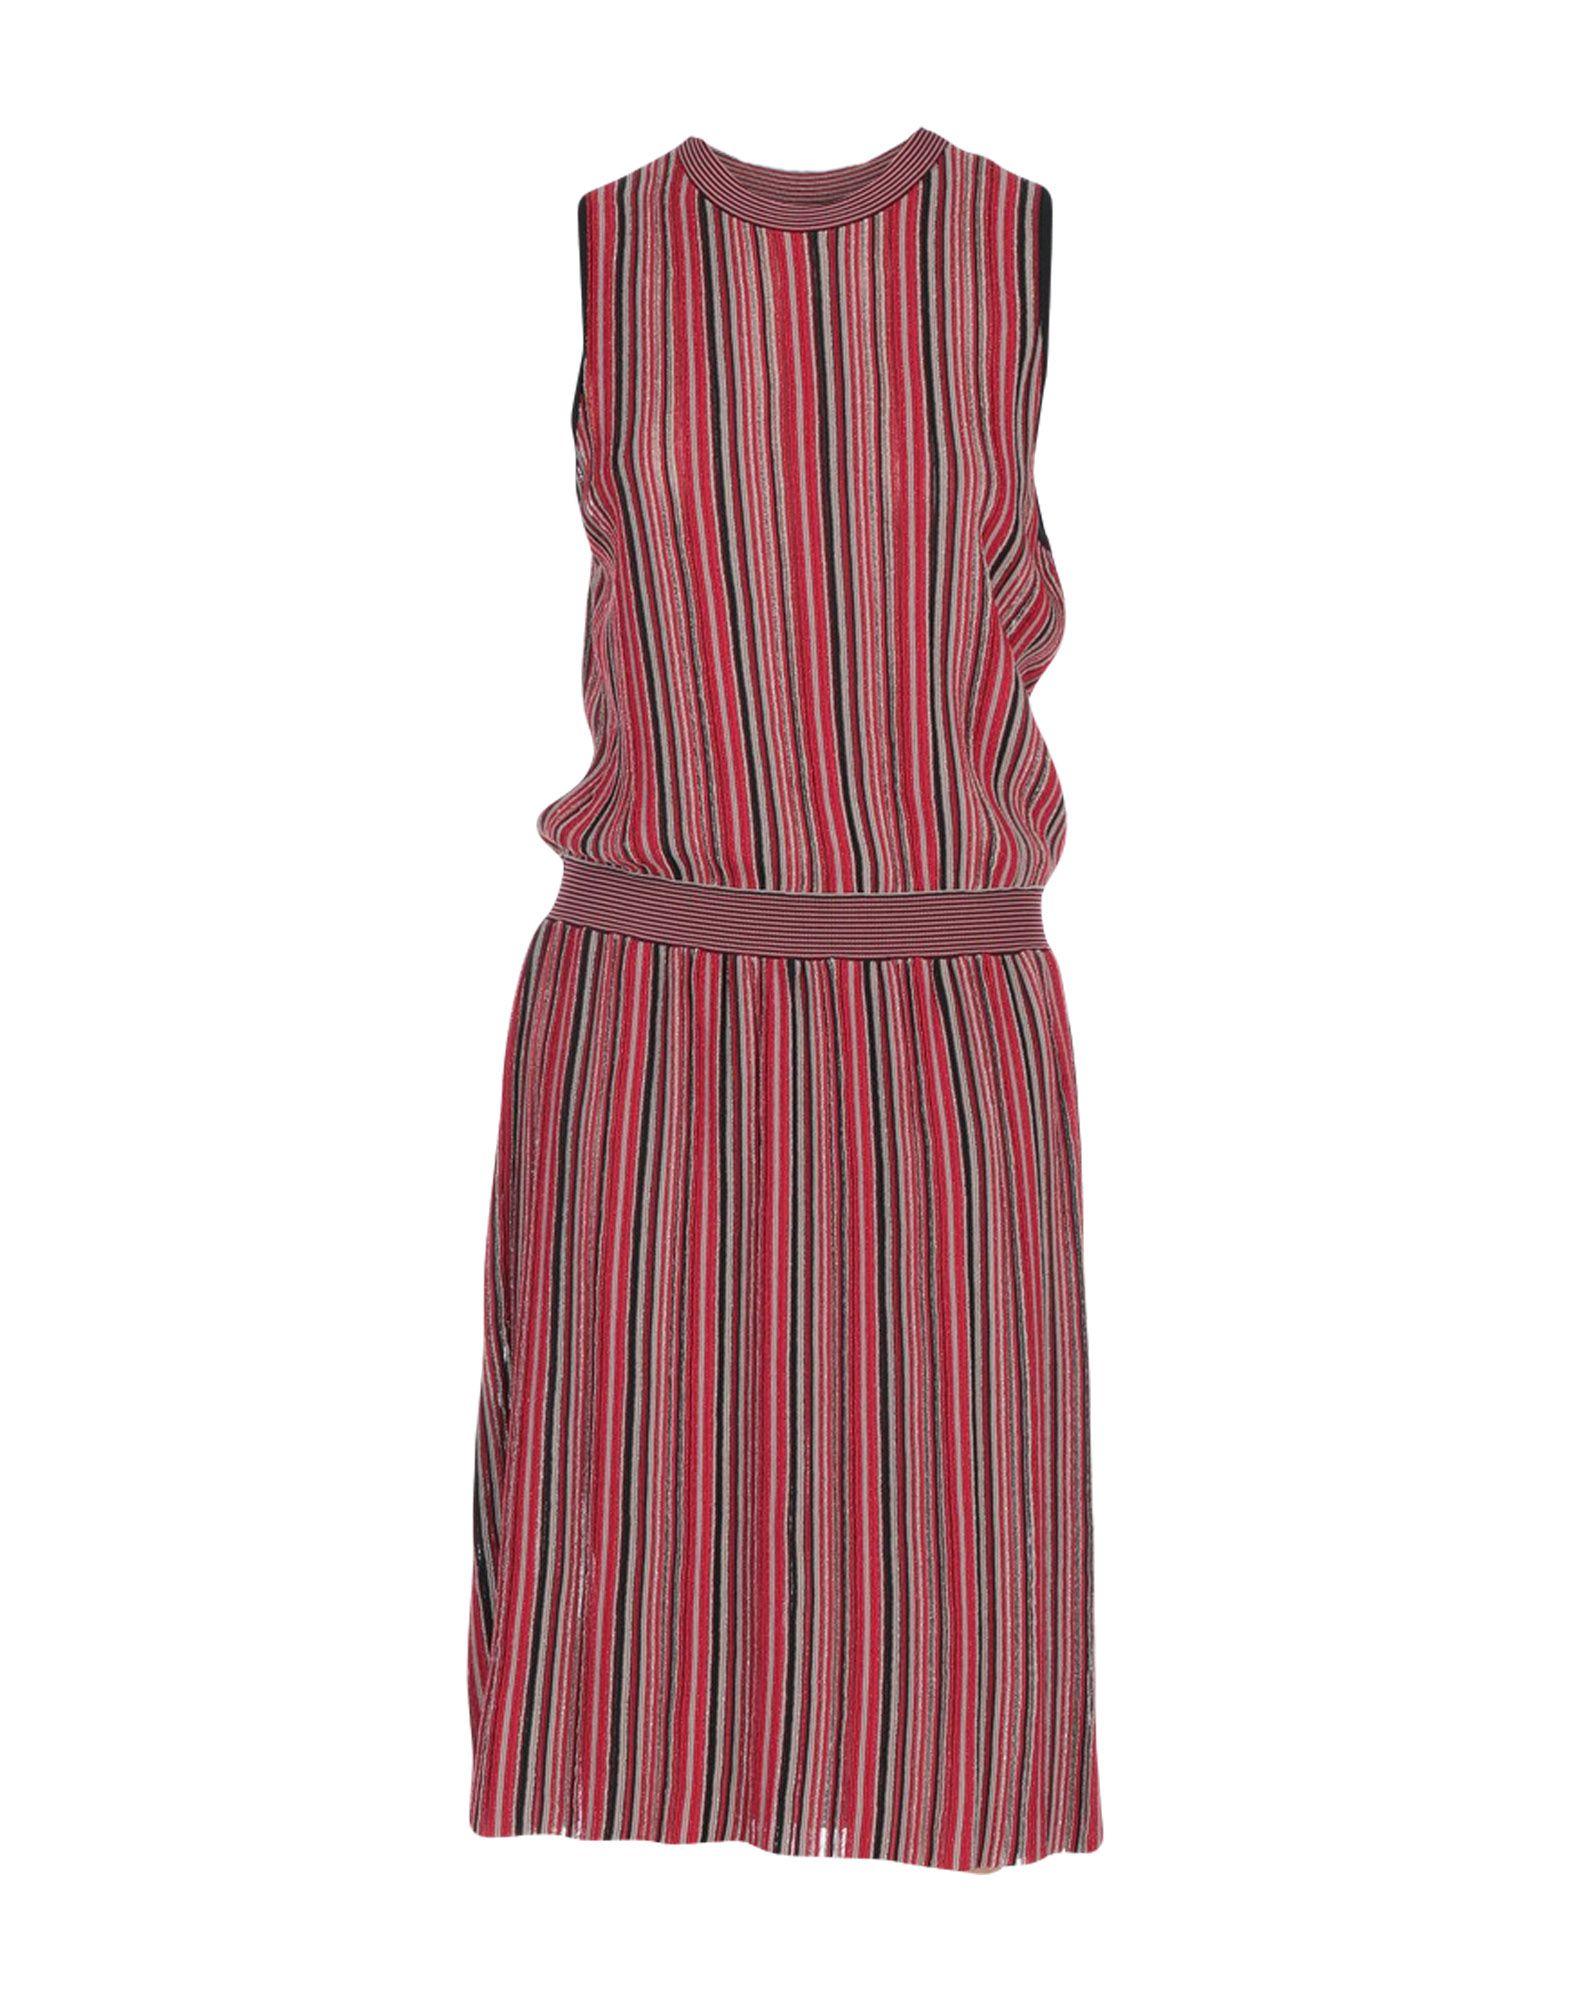 MALÌPARMI Платье до колена летом 2015 новый суд европы печати тонкая талия ретро платье без рукавов жилет юбка в конце детей